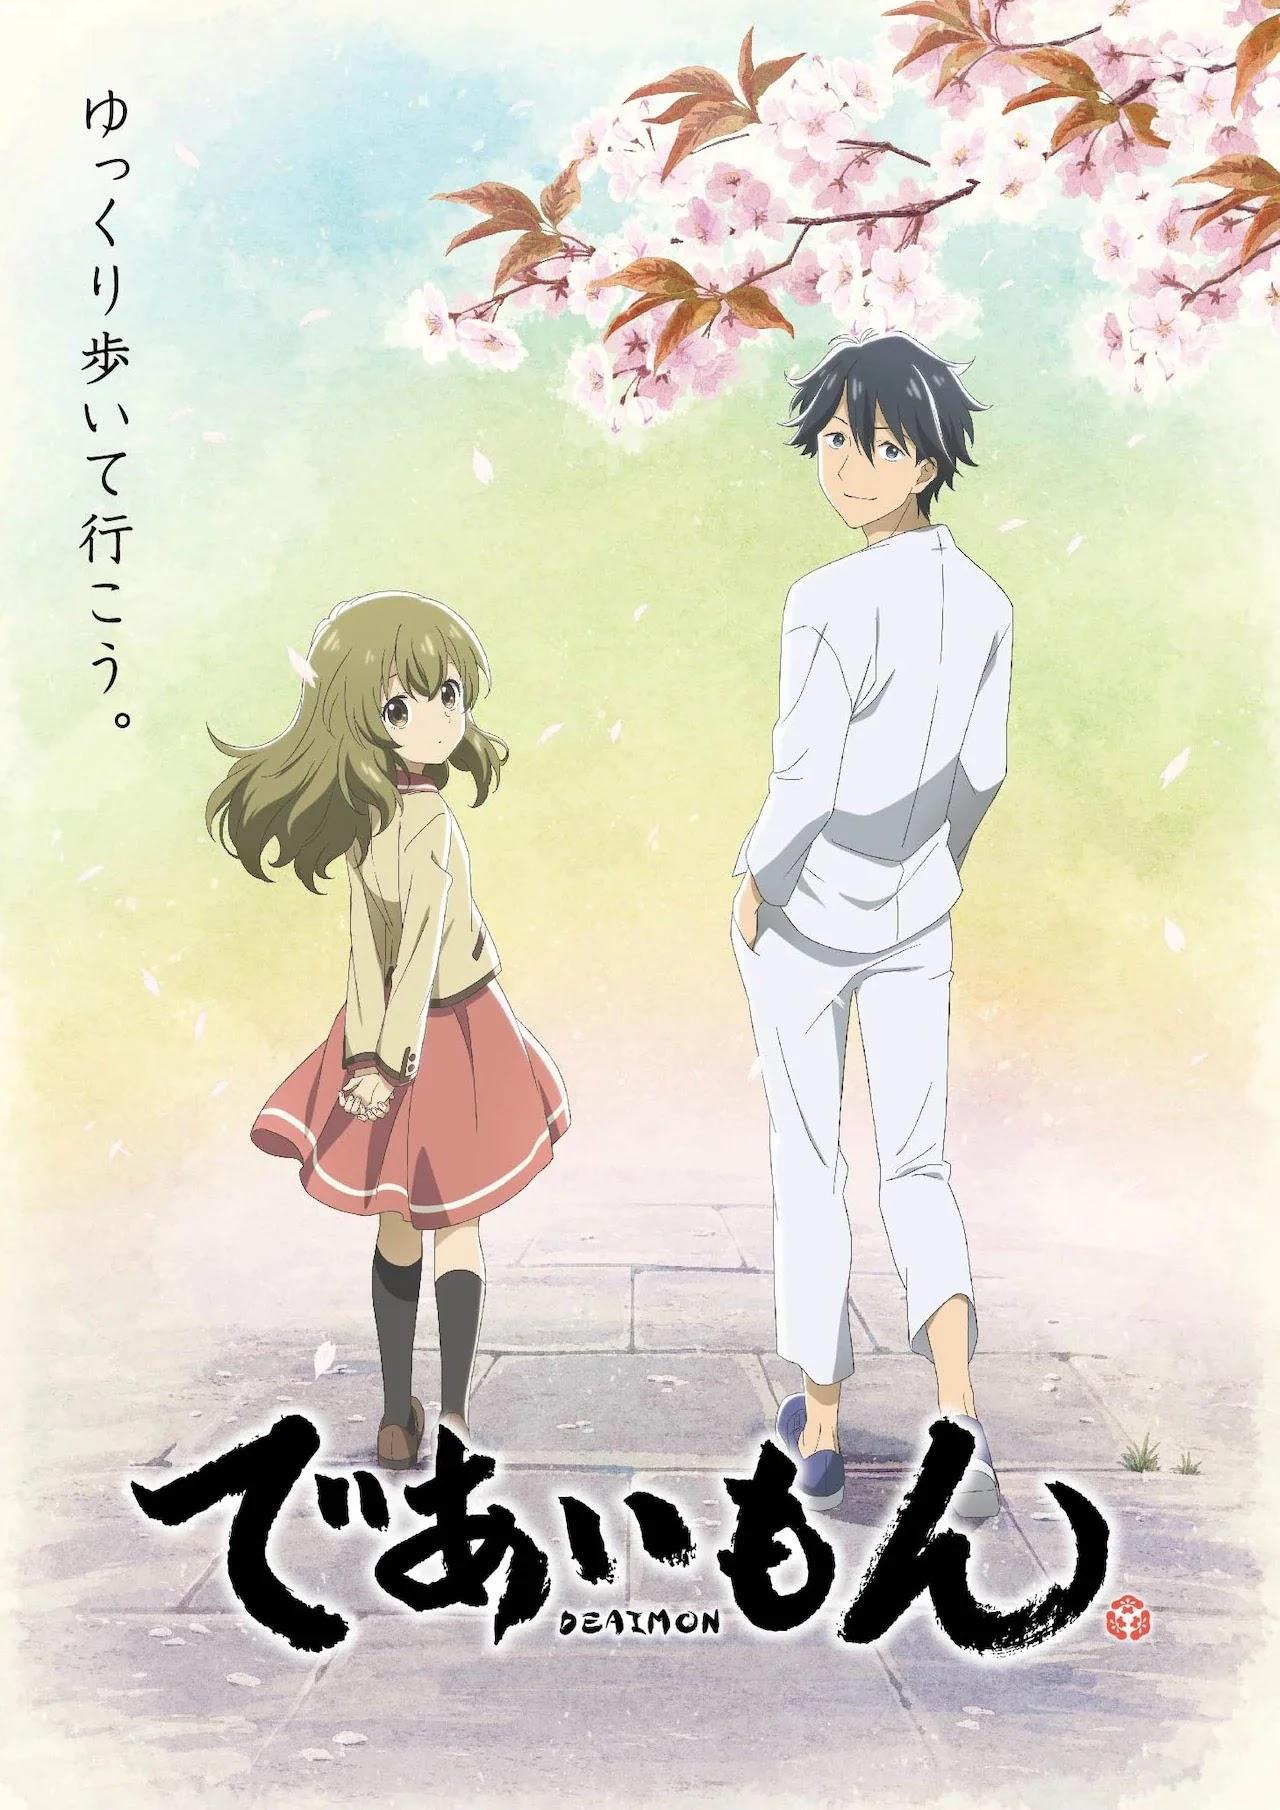 Anime Deaimon revela seu primeiro vídeo promocional